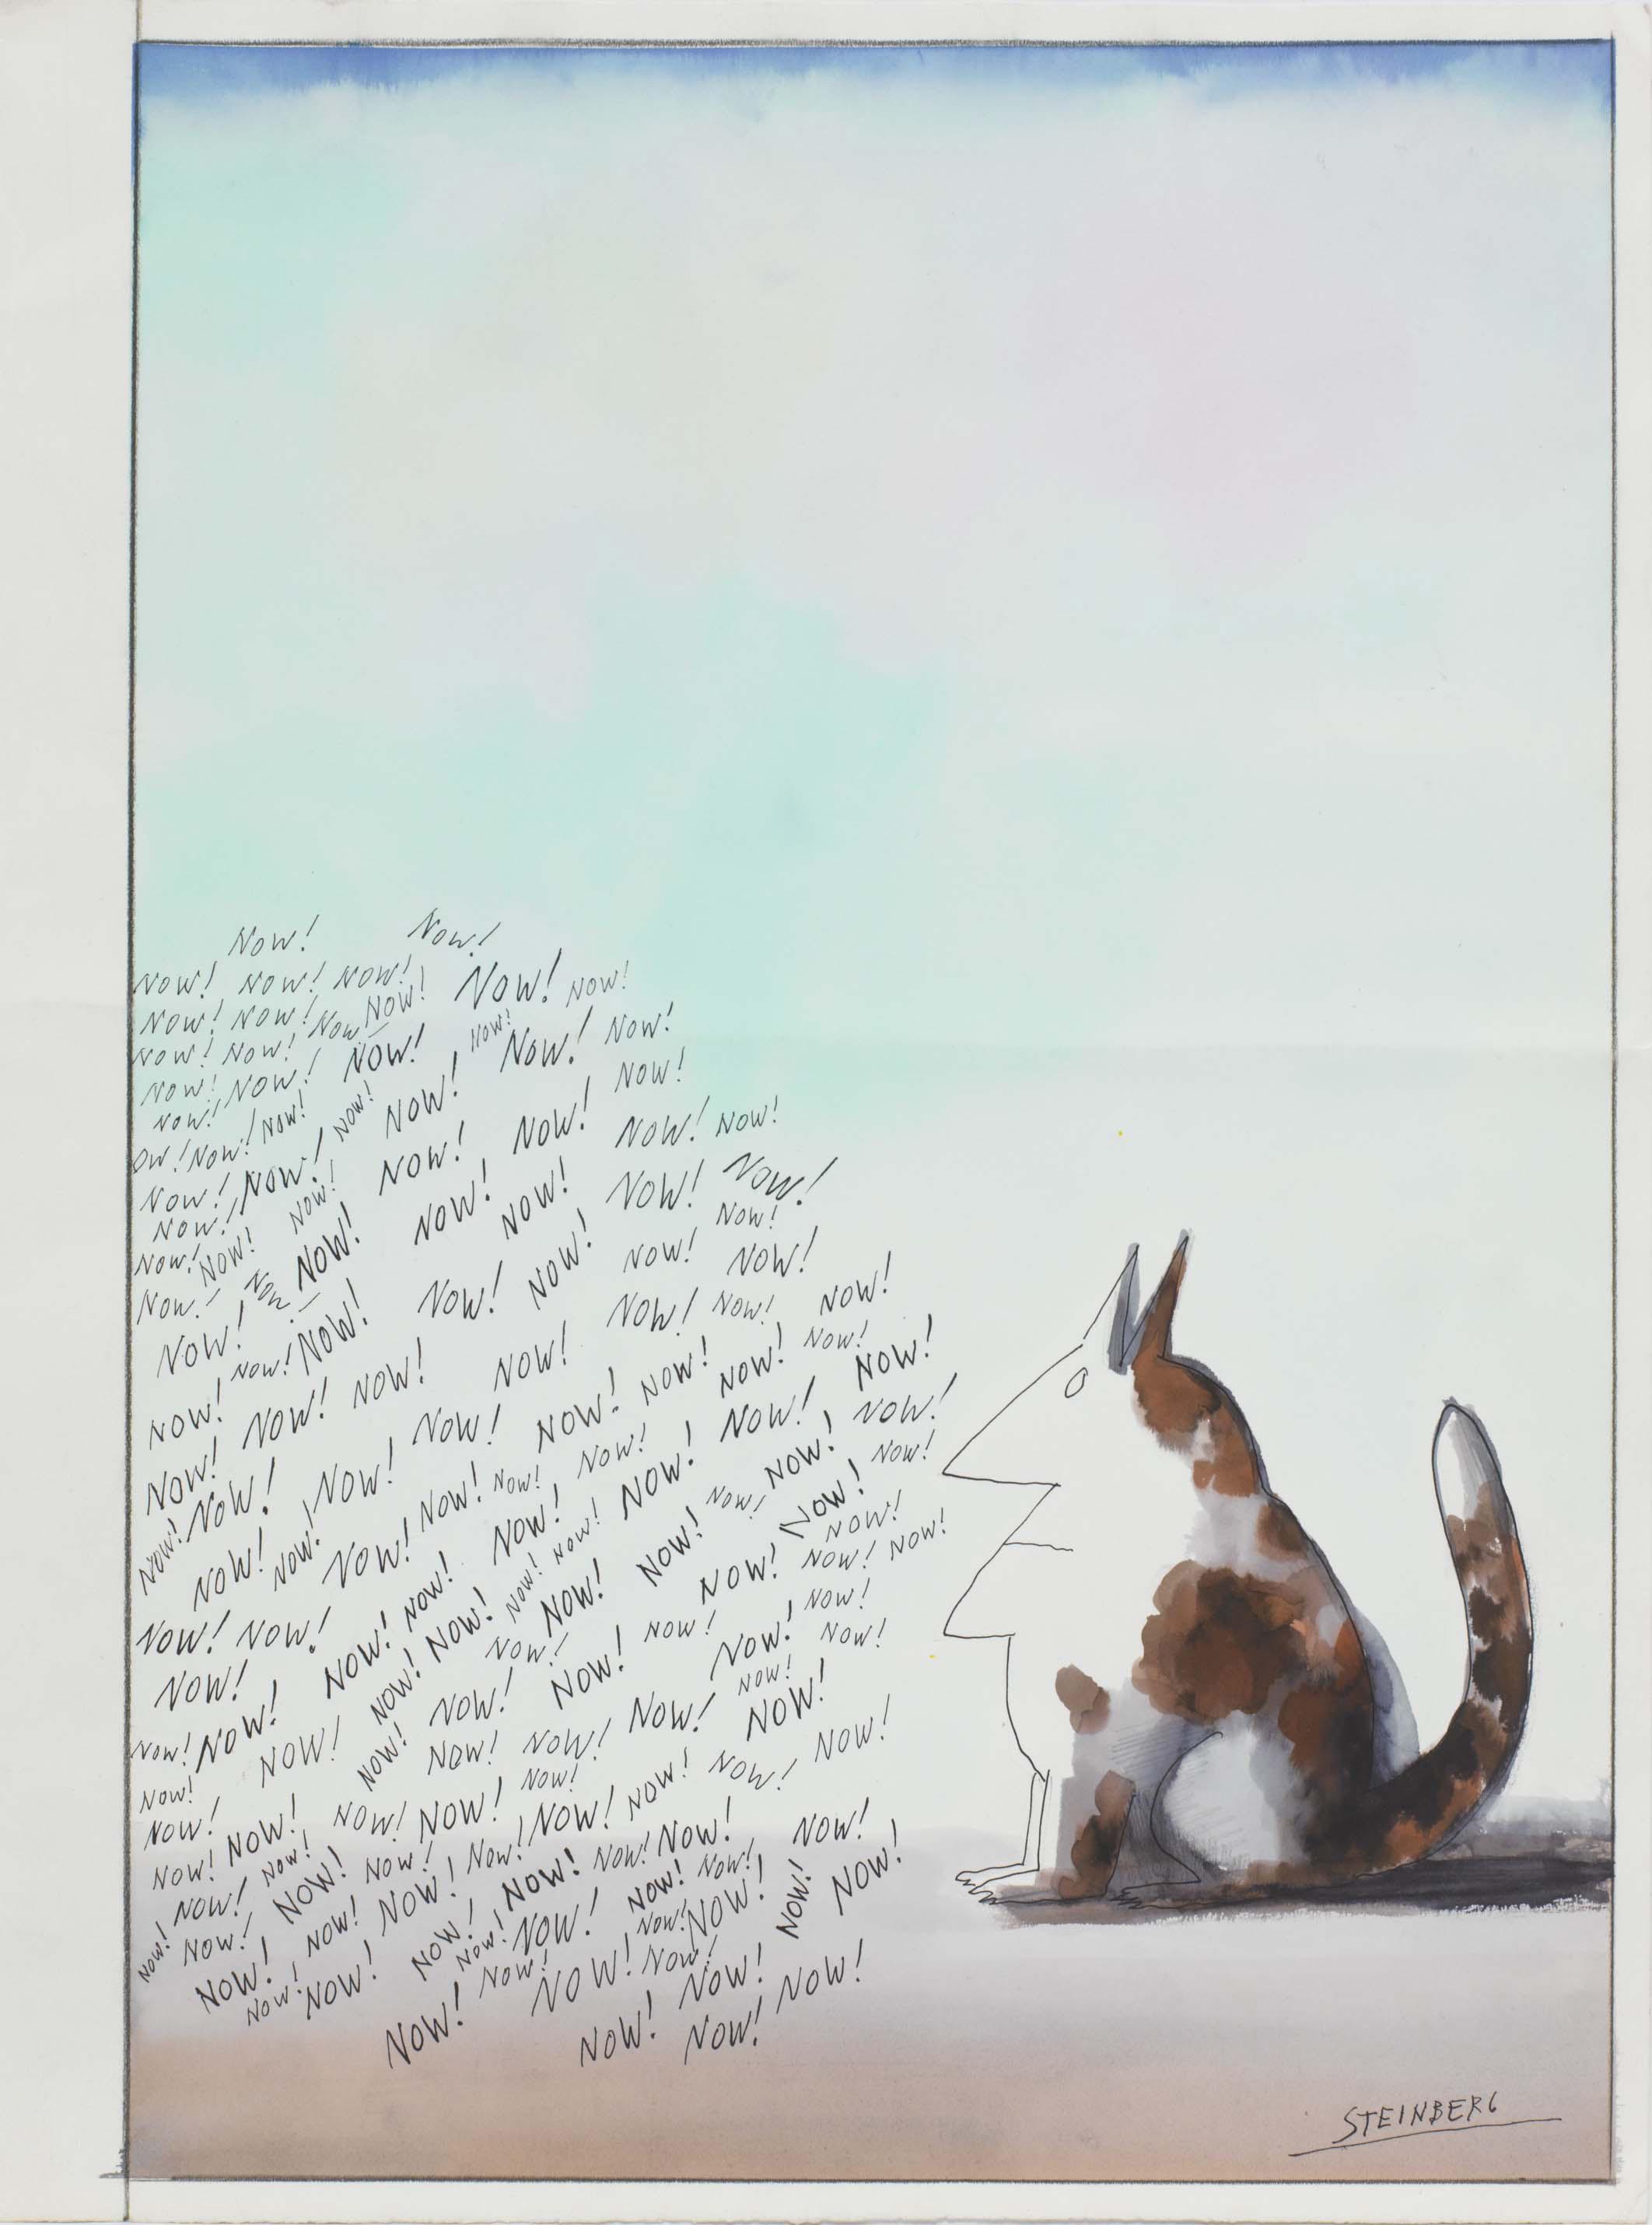 Saul Steinberg, Now!, 1960-1965 acquerello, penna e inchiostro, matita e matita colorata su carta The Saul Steinberg Foundation, New York © The Saul Steinberg Foundation/Artists Rights Society (ARS) New York